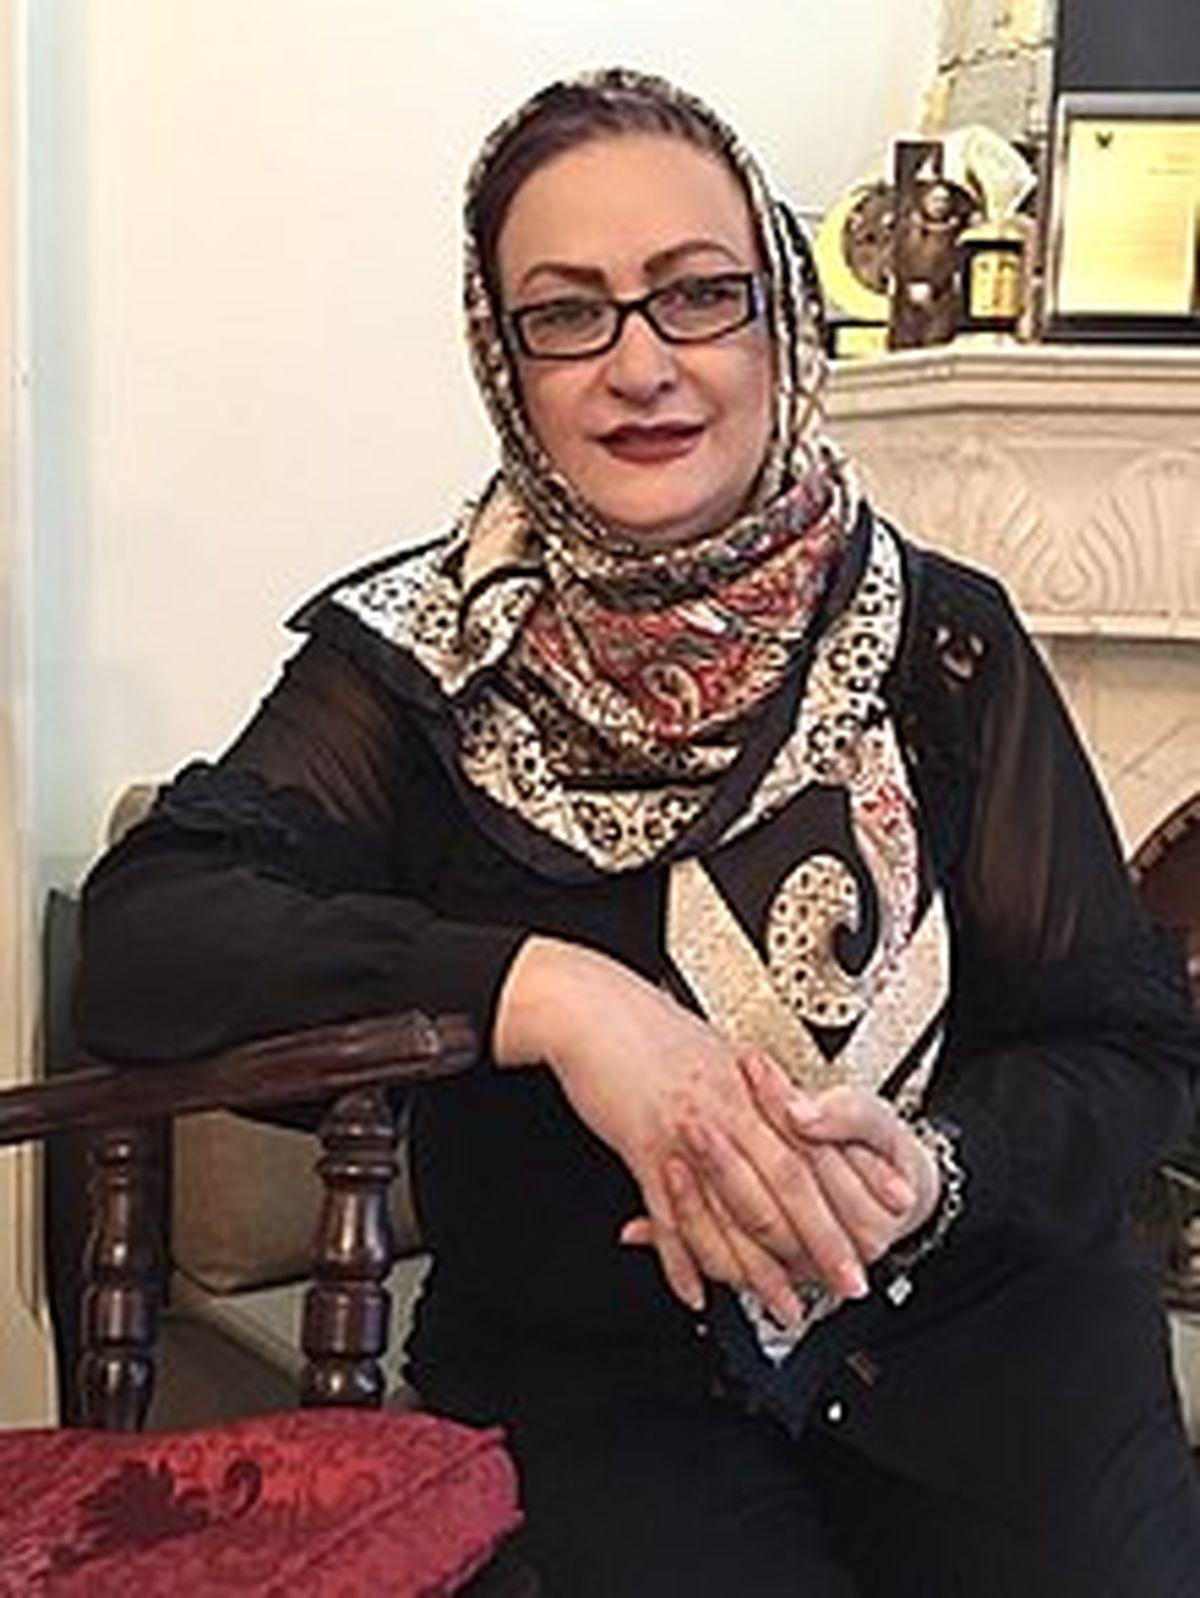 صحبت های عجیب مریم امیرجلالی در رابطه با هک شدن اینستاگرامش+فیلم جنجالی